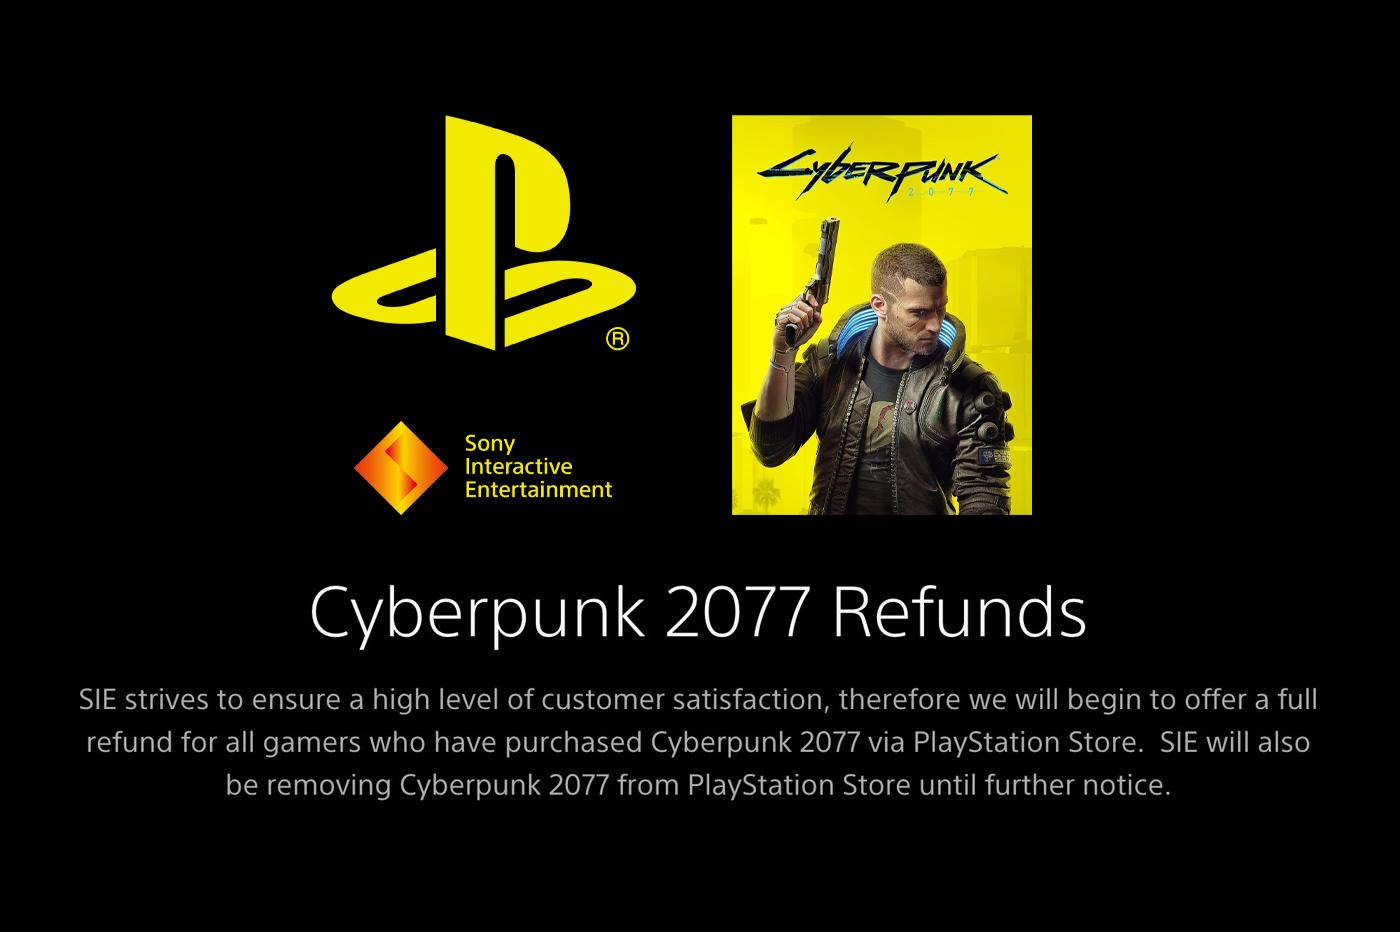 UBISOFT en hausse : Sony retire Cyberpunk 2077 du Playstation Store